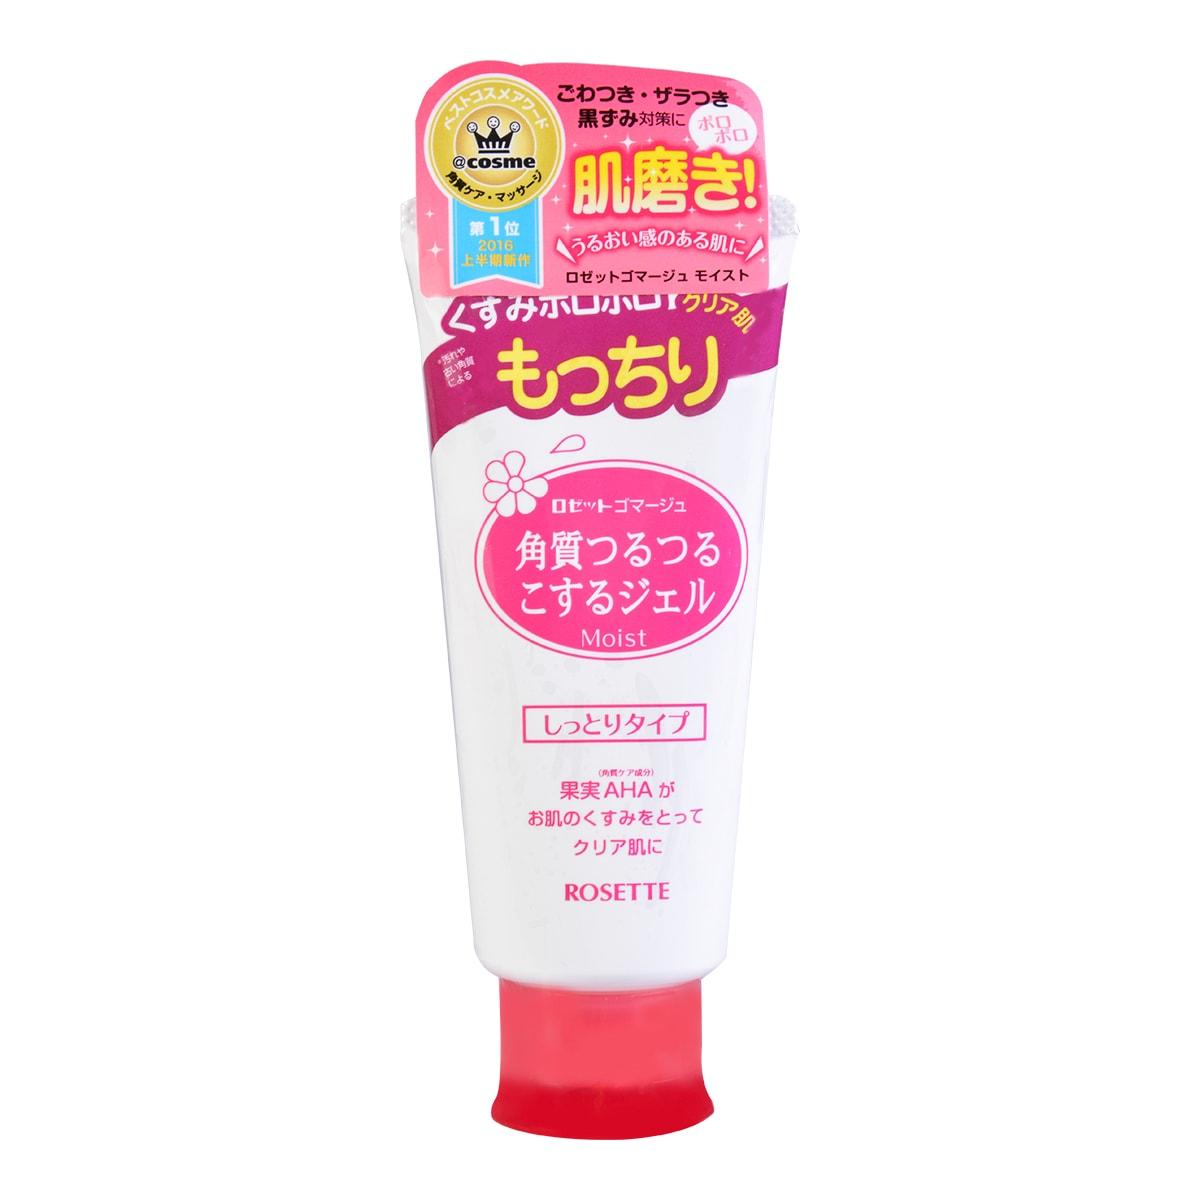 日本ROSETTE 脸部去角质啫喱膏 保湿款 120g COSME大赏受赏